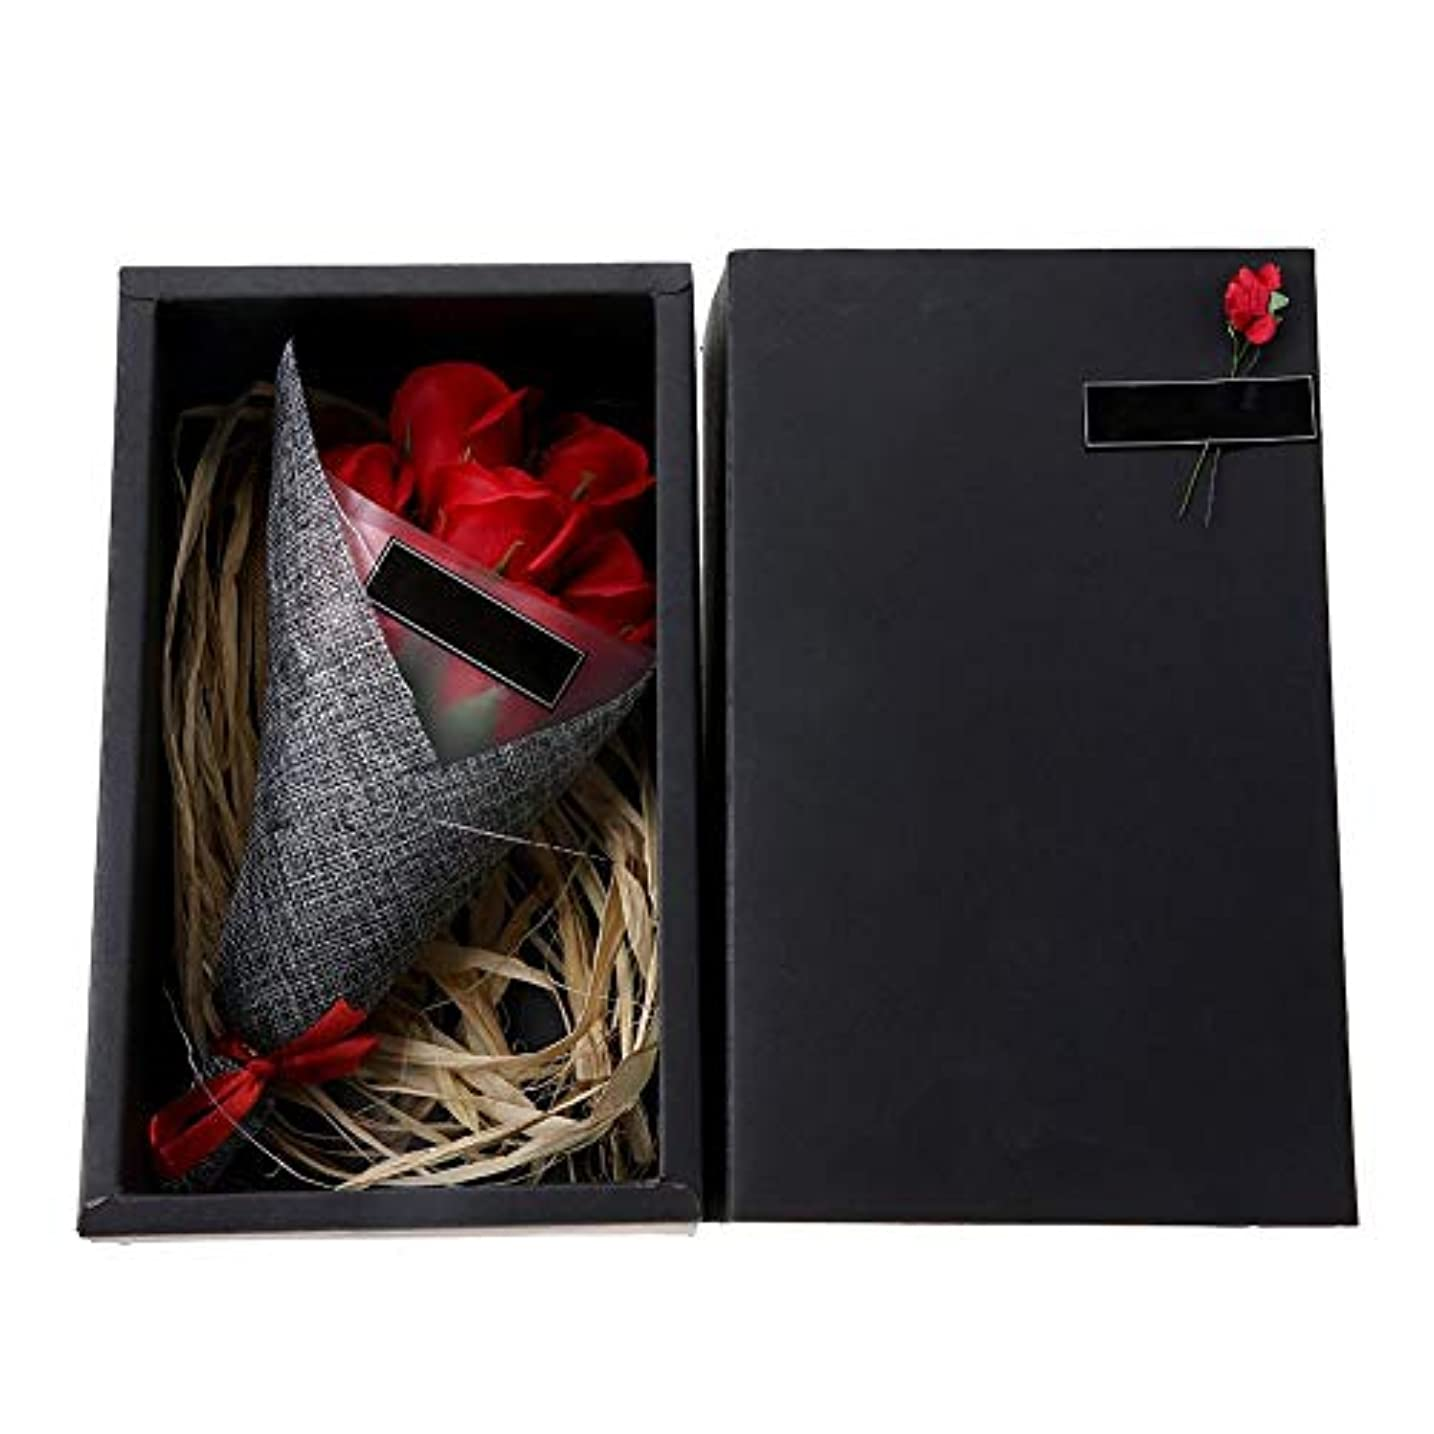 同盟ランチ中世の石鹸の花-フランケンラントソープペタルフラワーフェアリーライトバレンタイン母の日のための部屋の装飾ギフト(赤いバラ)